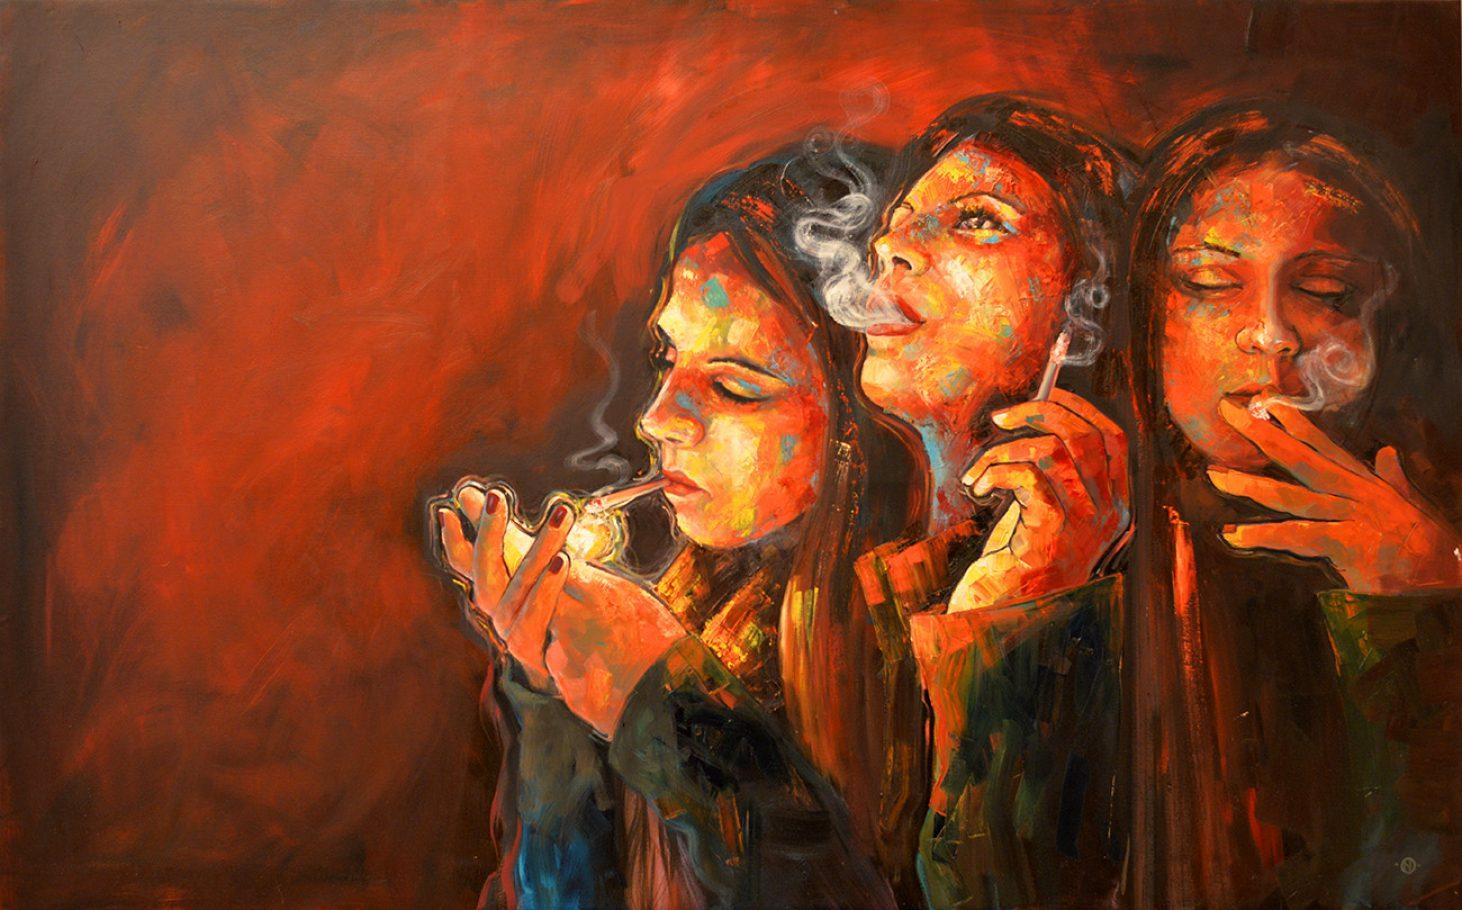 Anna 160x100 cm oil on canvas 2008/2017